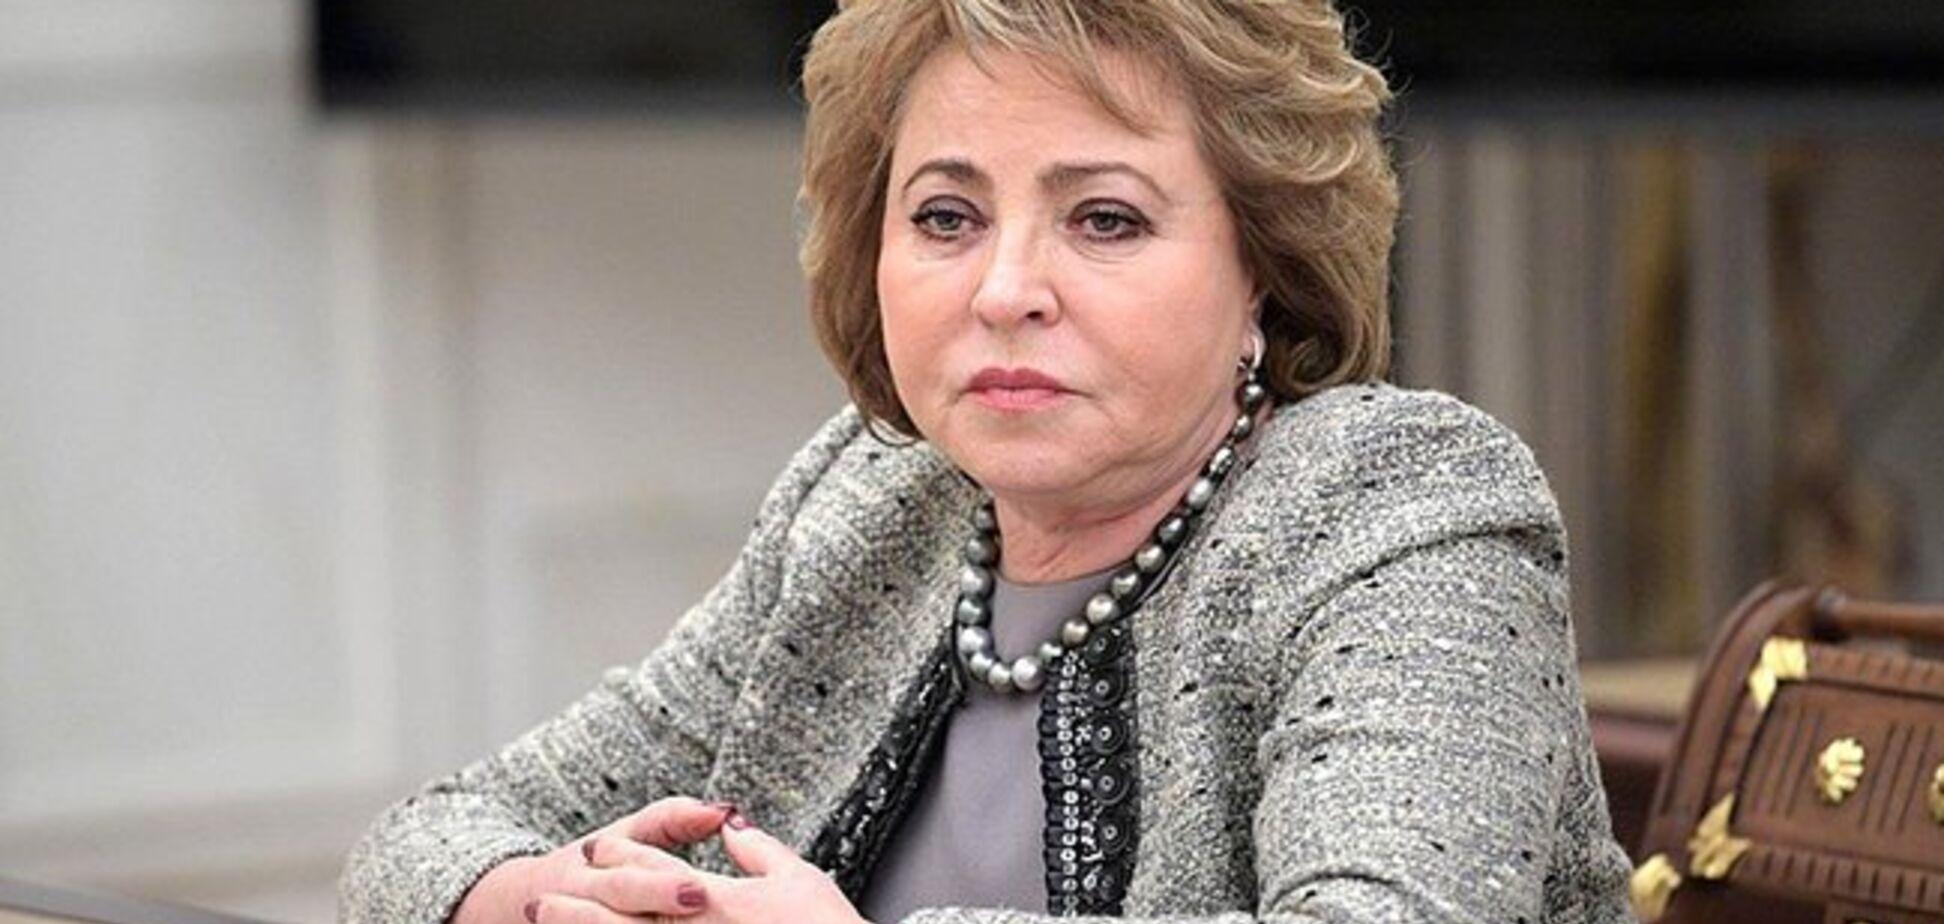 'Ми захищали людей!' Матвієнко зробила цинічну заяву про анексію Криму